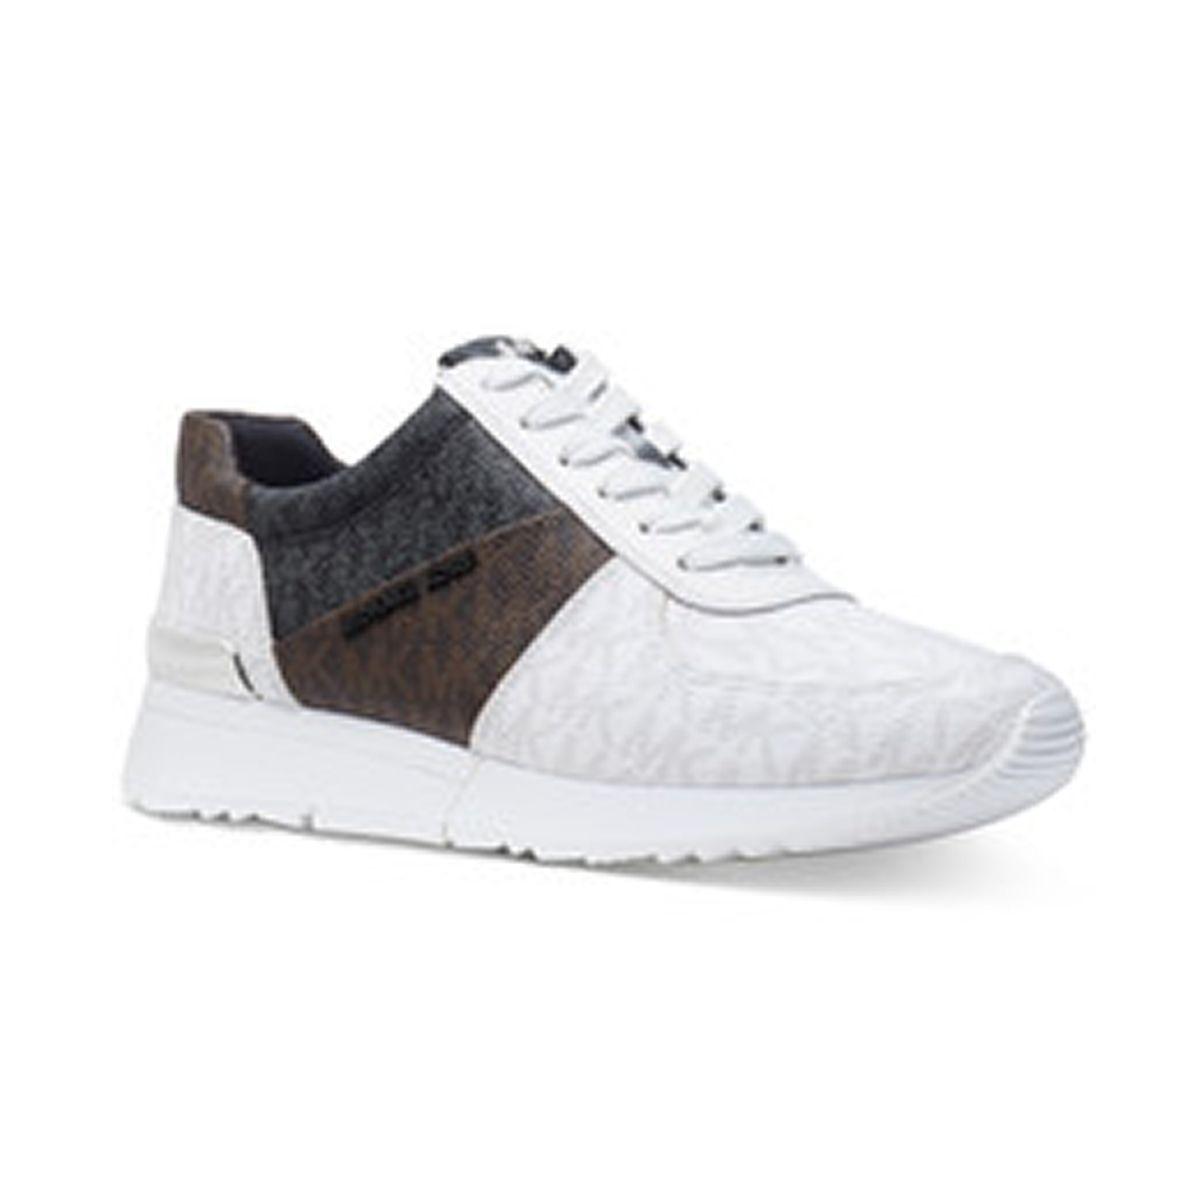 e61e04ebf2e Brown Sneakers MICHAEL Michael Kors Shoes - Macy's